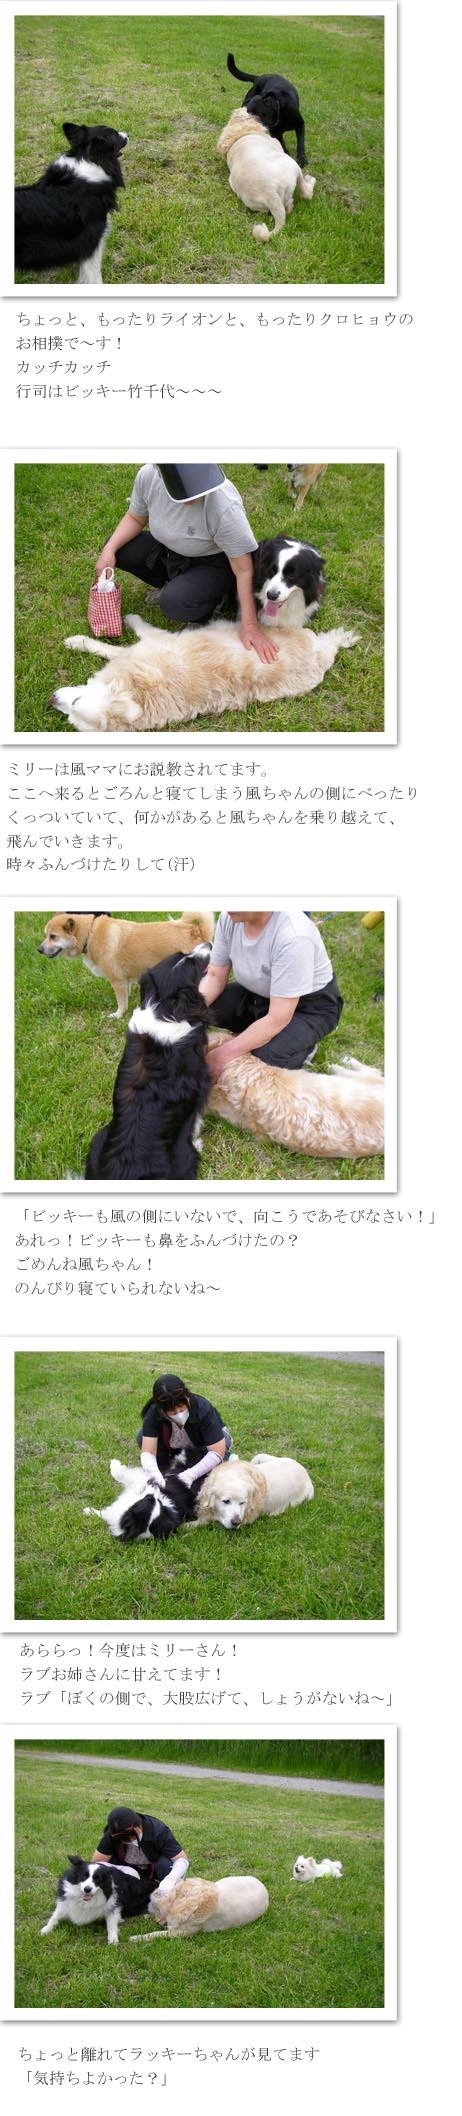 f0114893_9212012.jpg